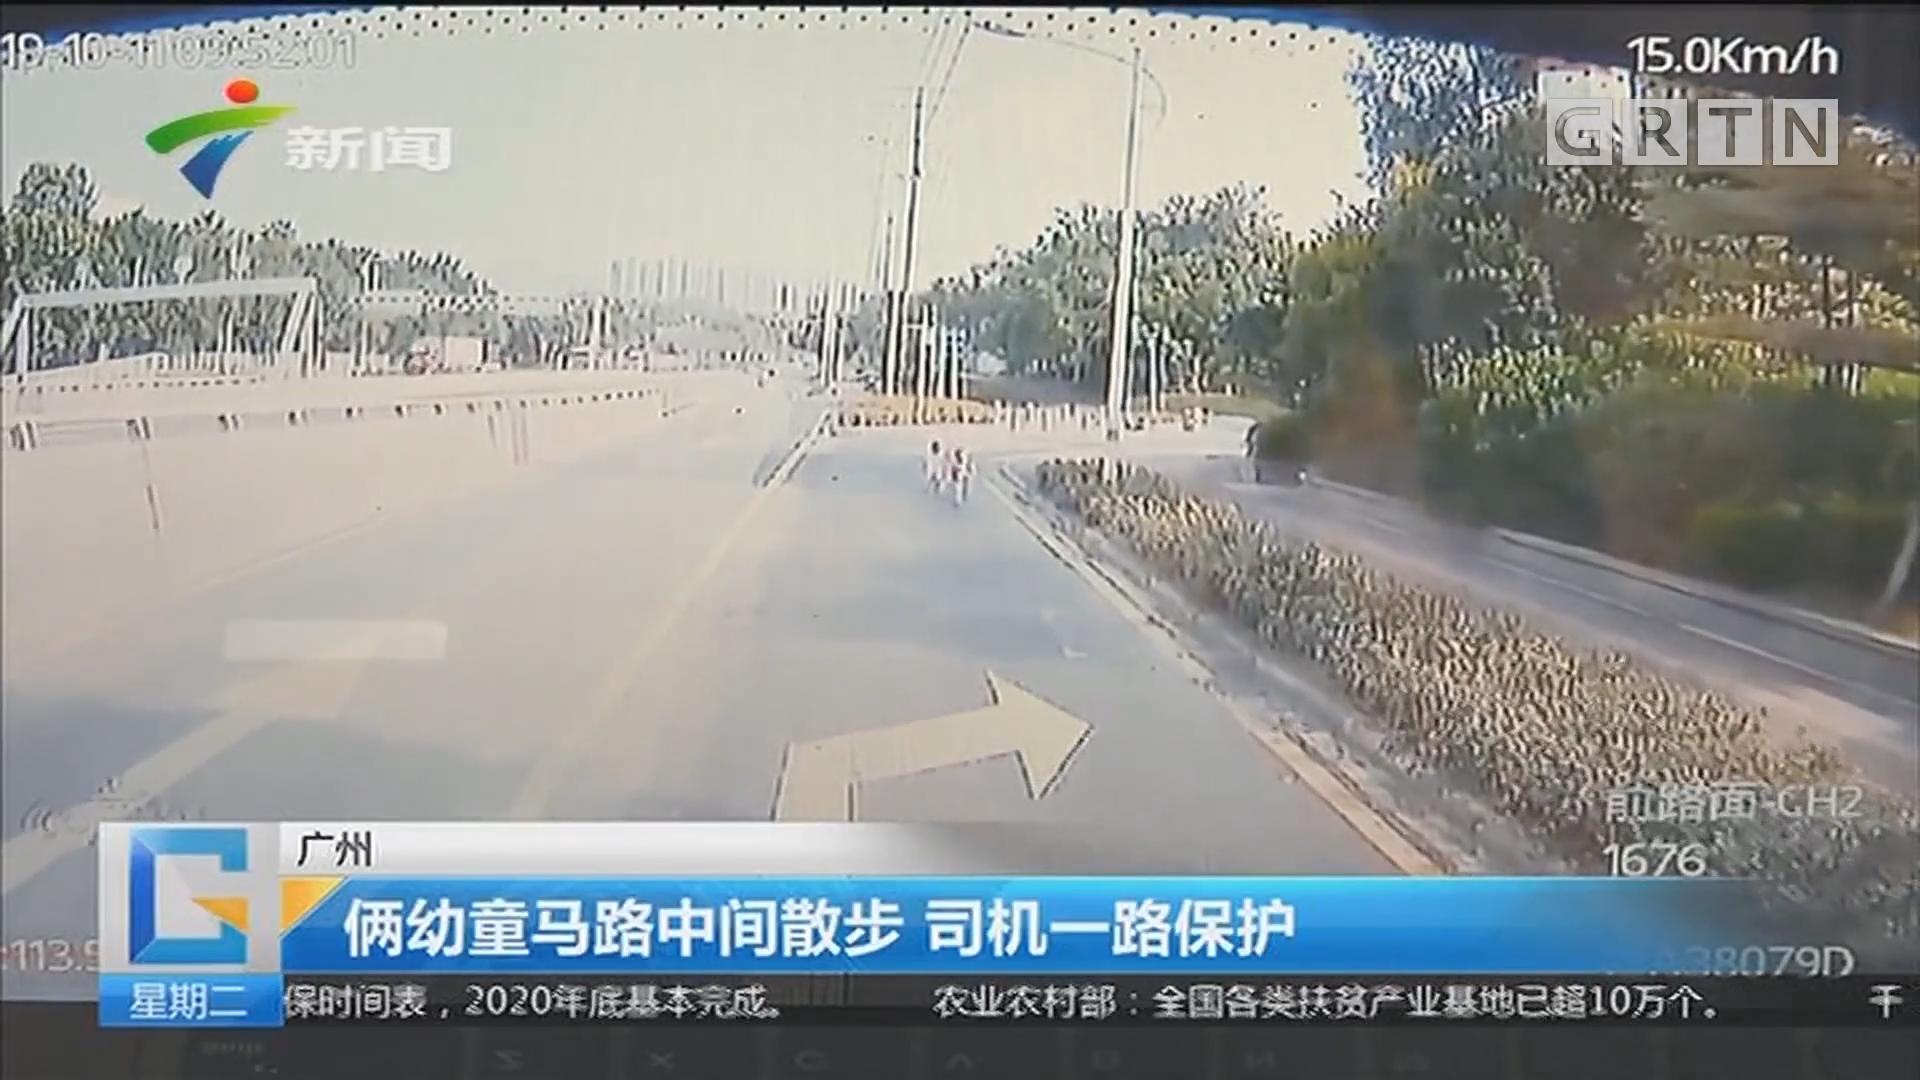 广州:俩幼童马路中间散步 司机一路保护